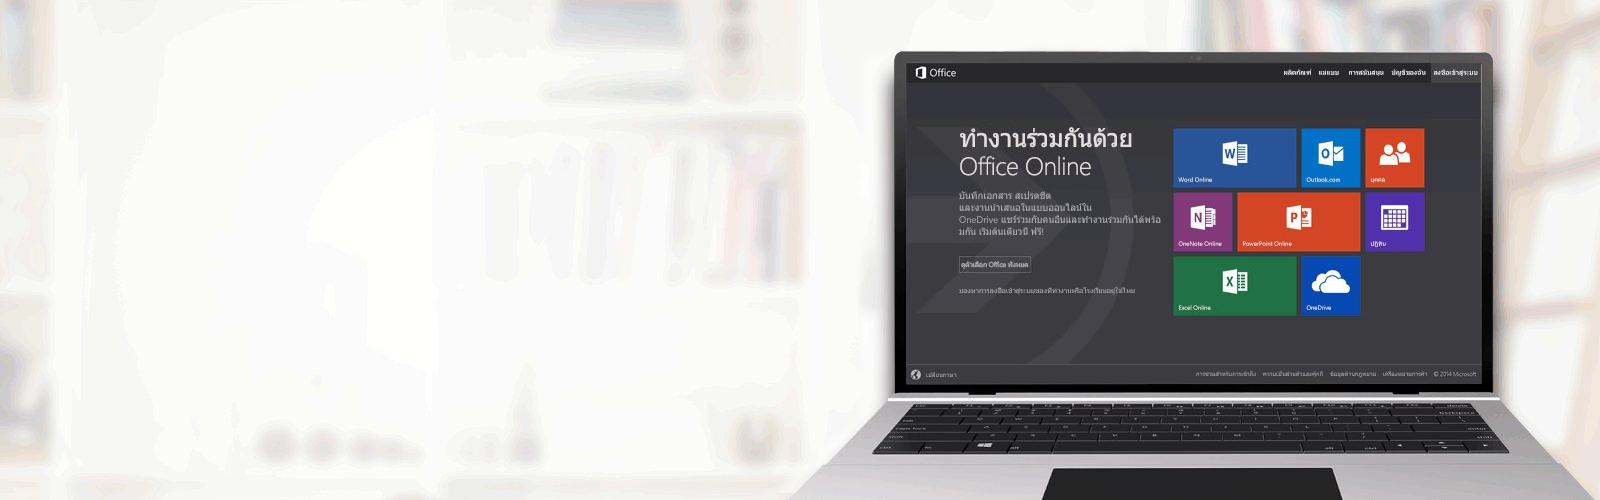 ทำงานร่วมกันด้วย Office Online